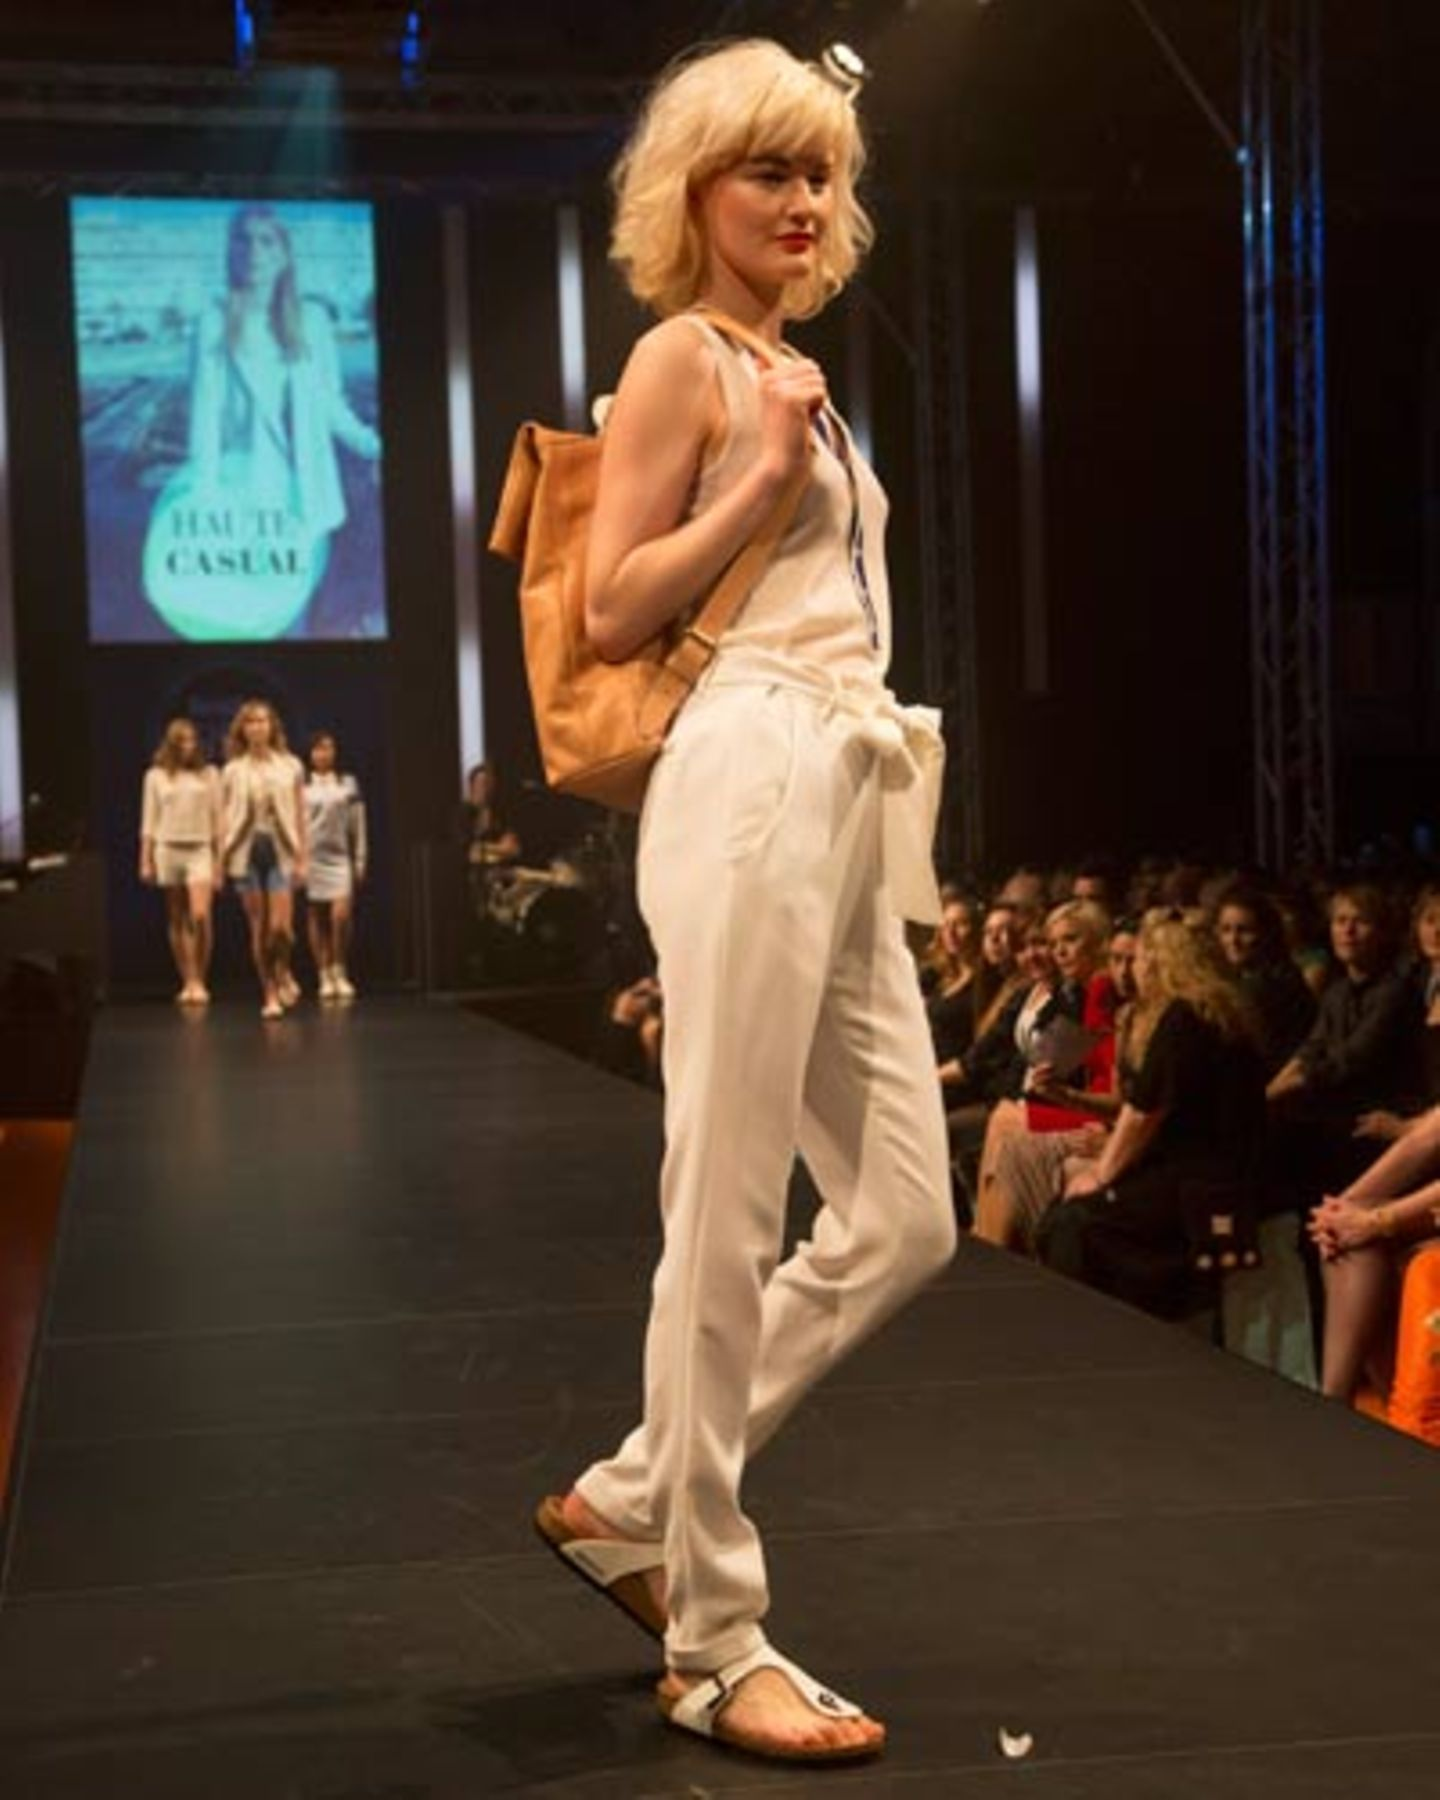 Die weiße Hose mit Stoffgürtel ist von René Lezard, das Top von G-Star Raw. Schuhe: Birkenstock. Rucksack: Bree.